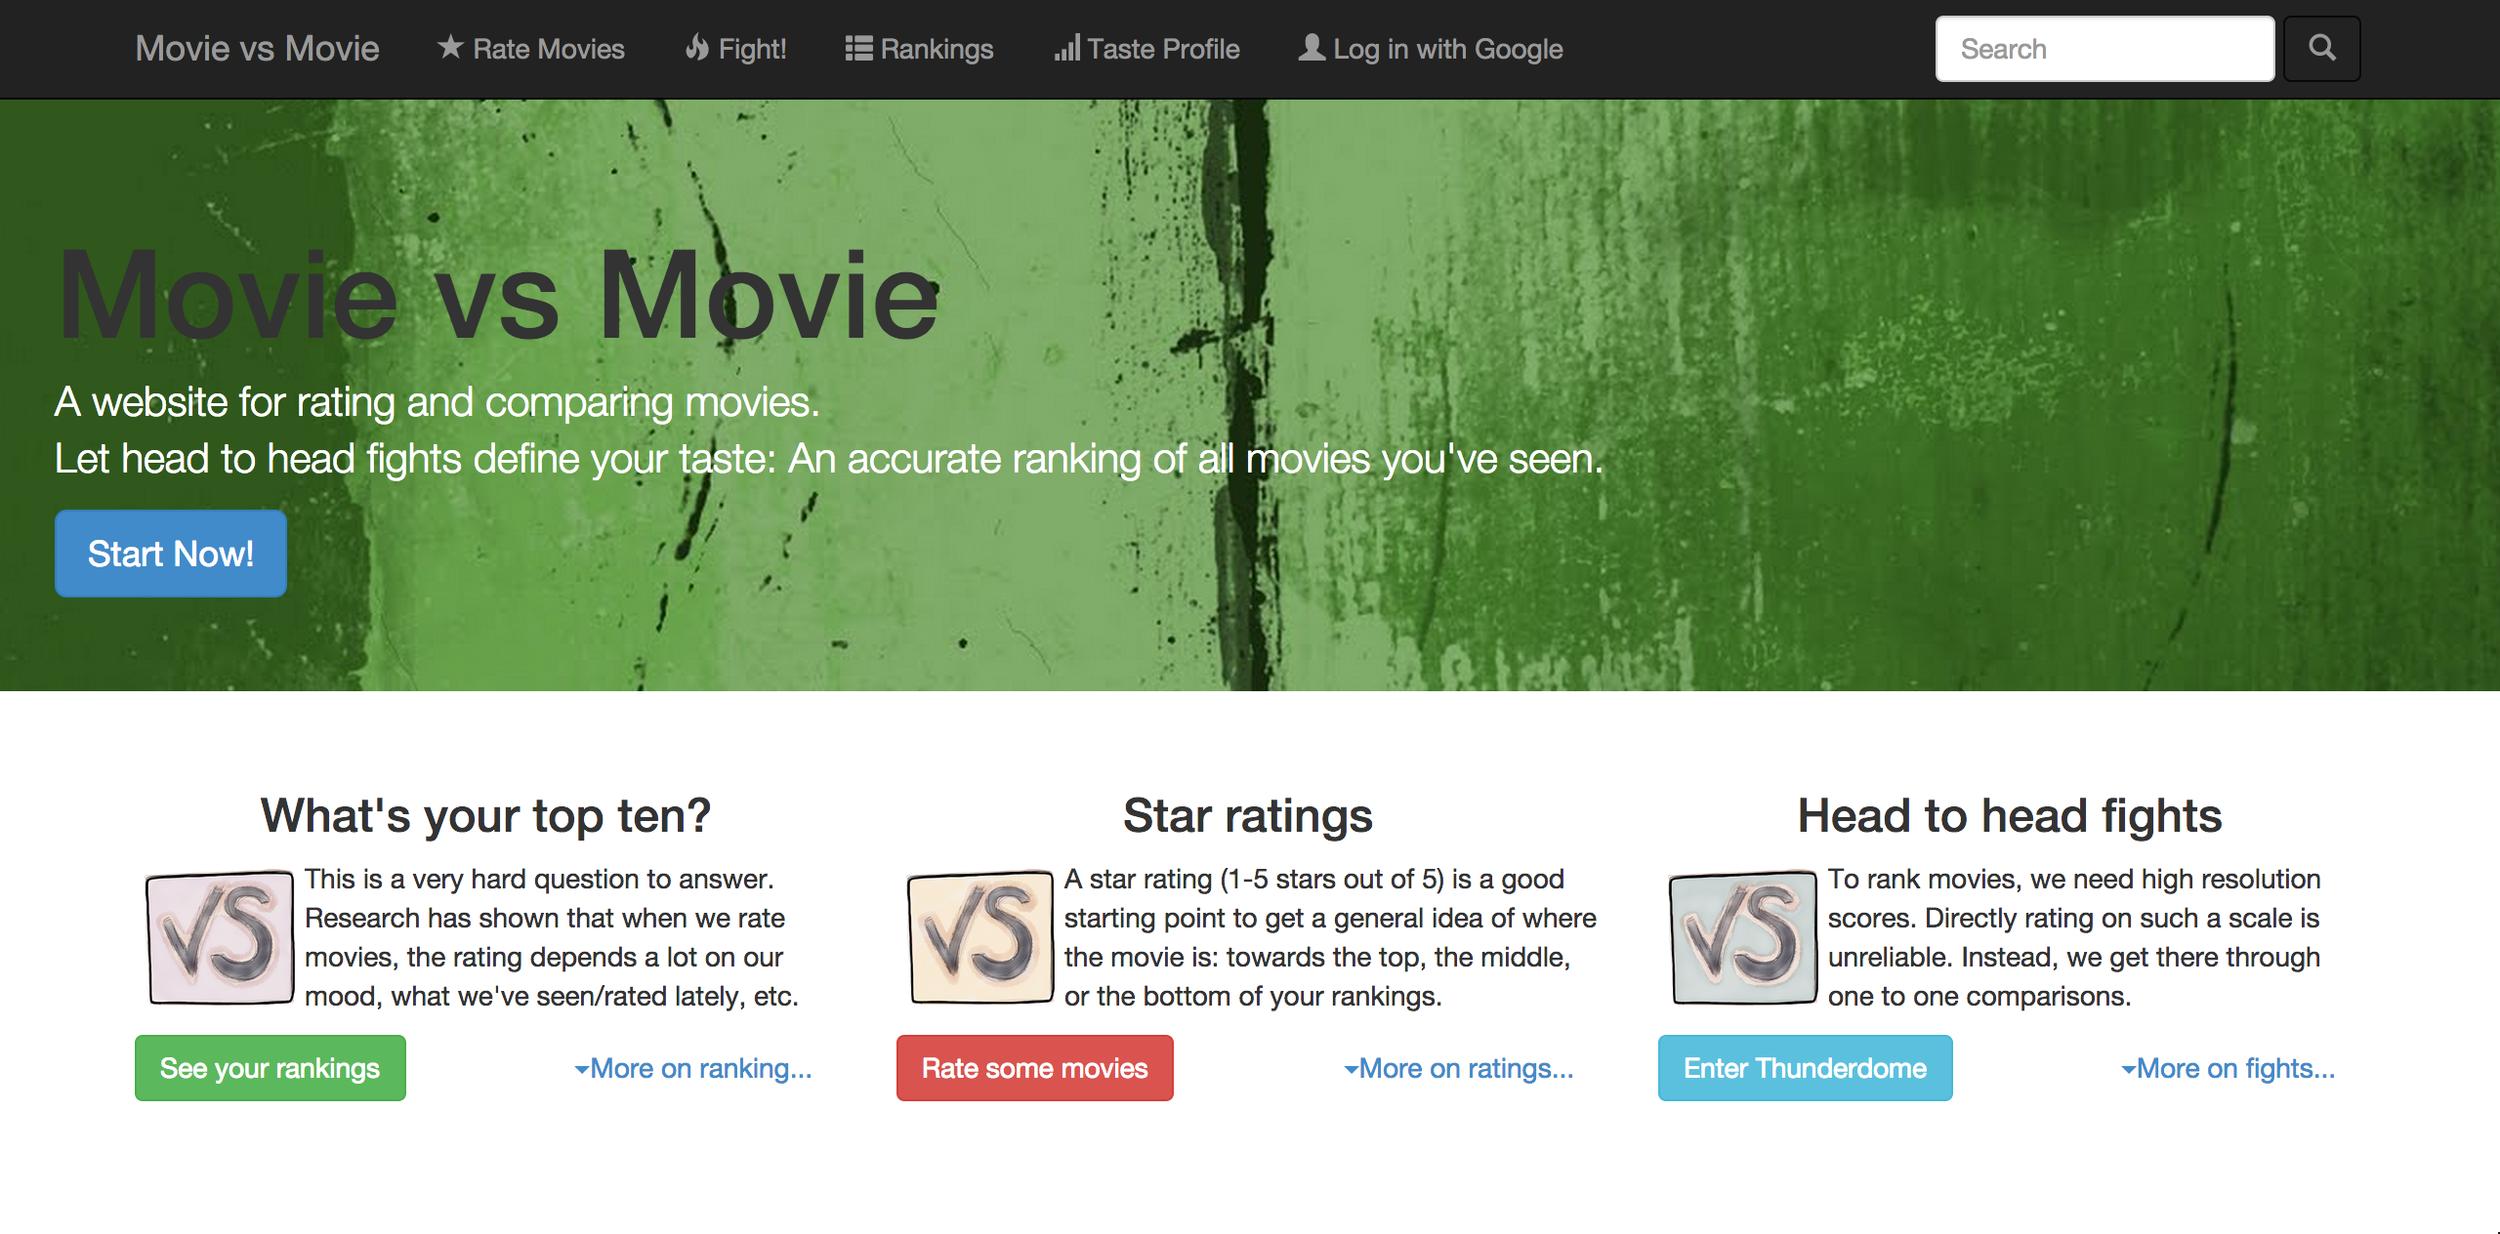 Movie versus Movie